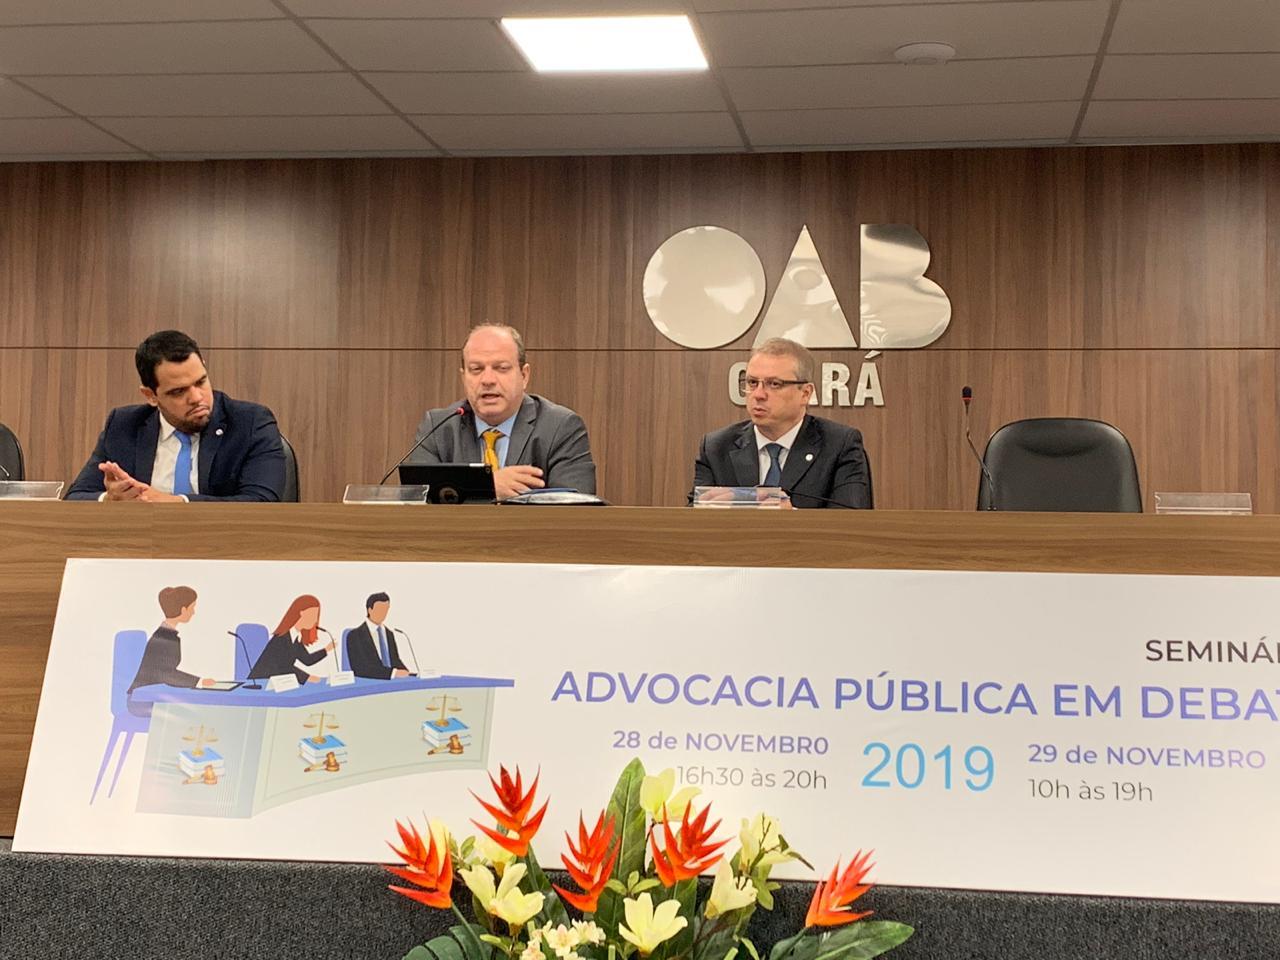 """Presidente da ANPM,Cristiano Reis Giuliani, preside mesa de debates no Seminário """"Advocacia Pública em Debate"""" em Fortaleza"""